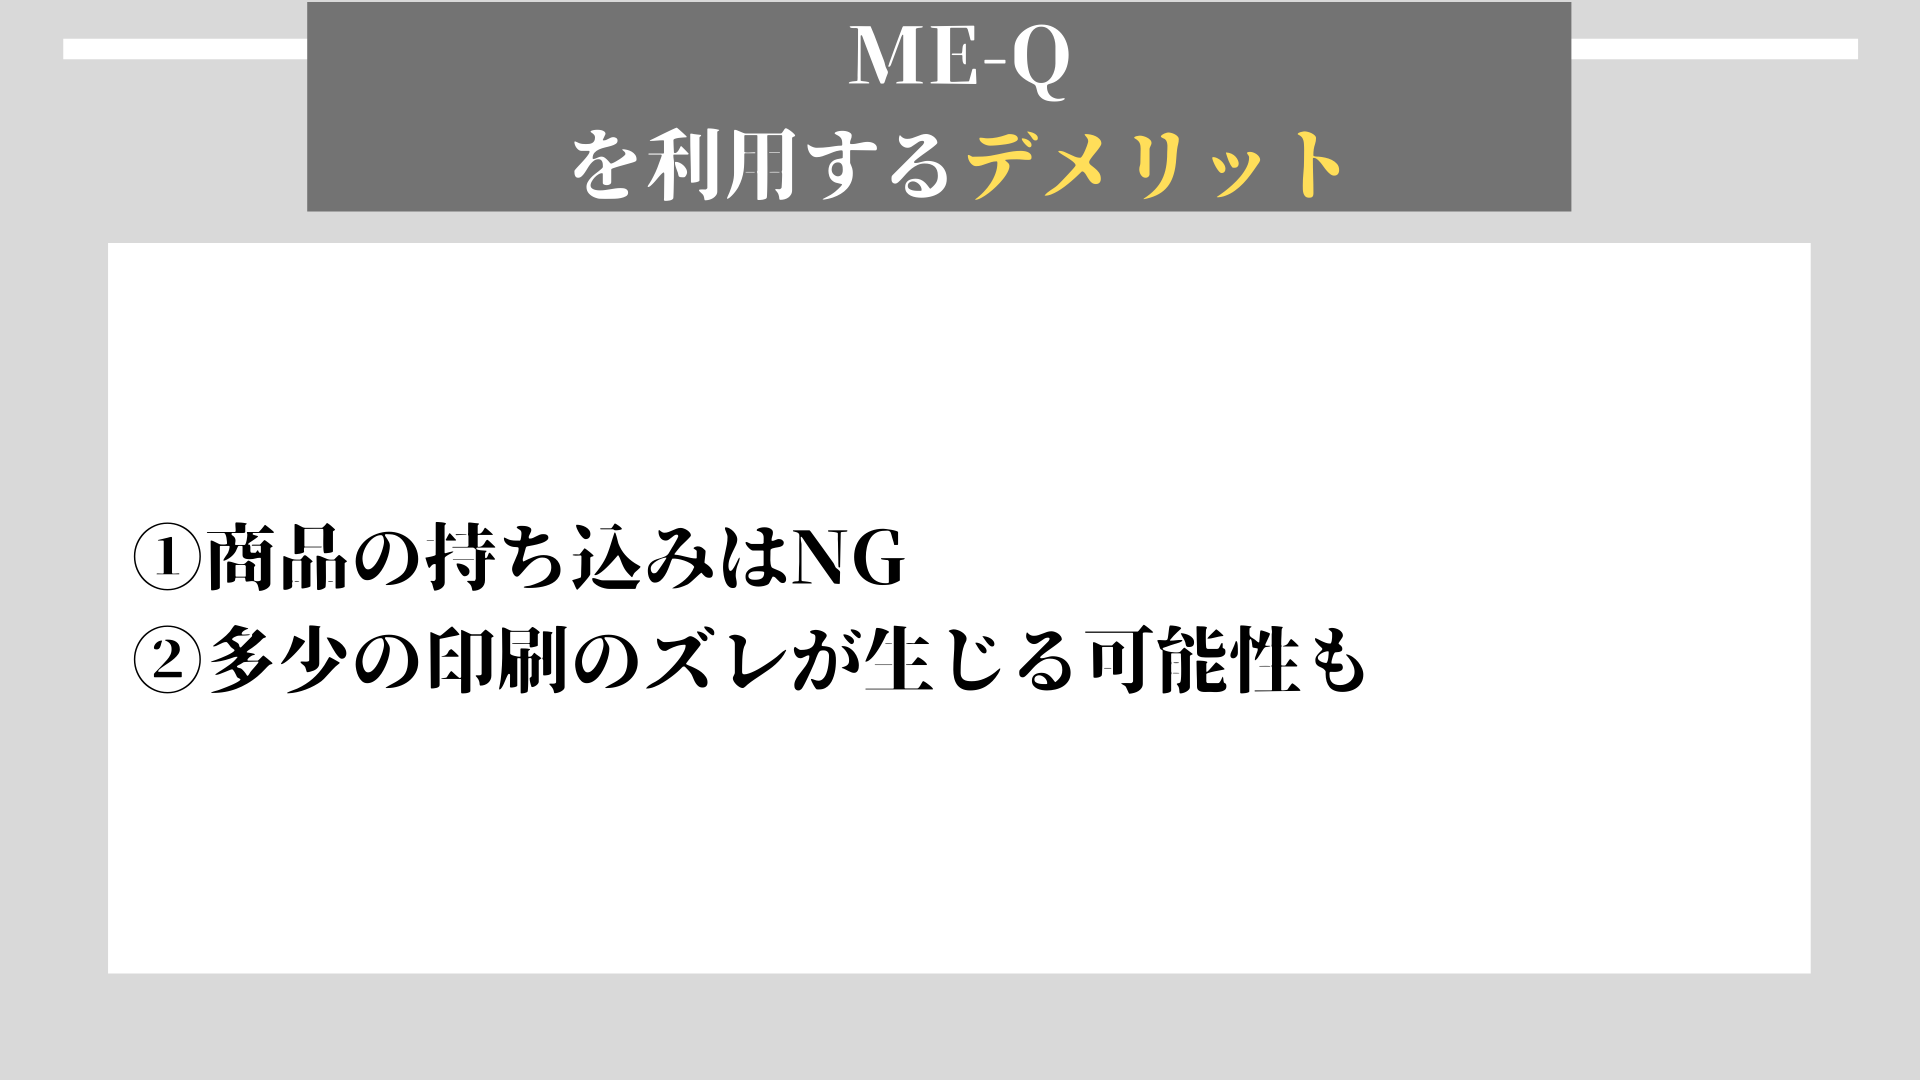 ME-Q デメリット